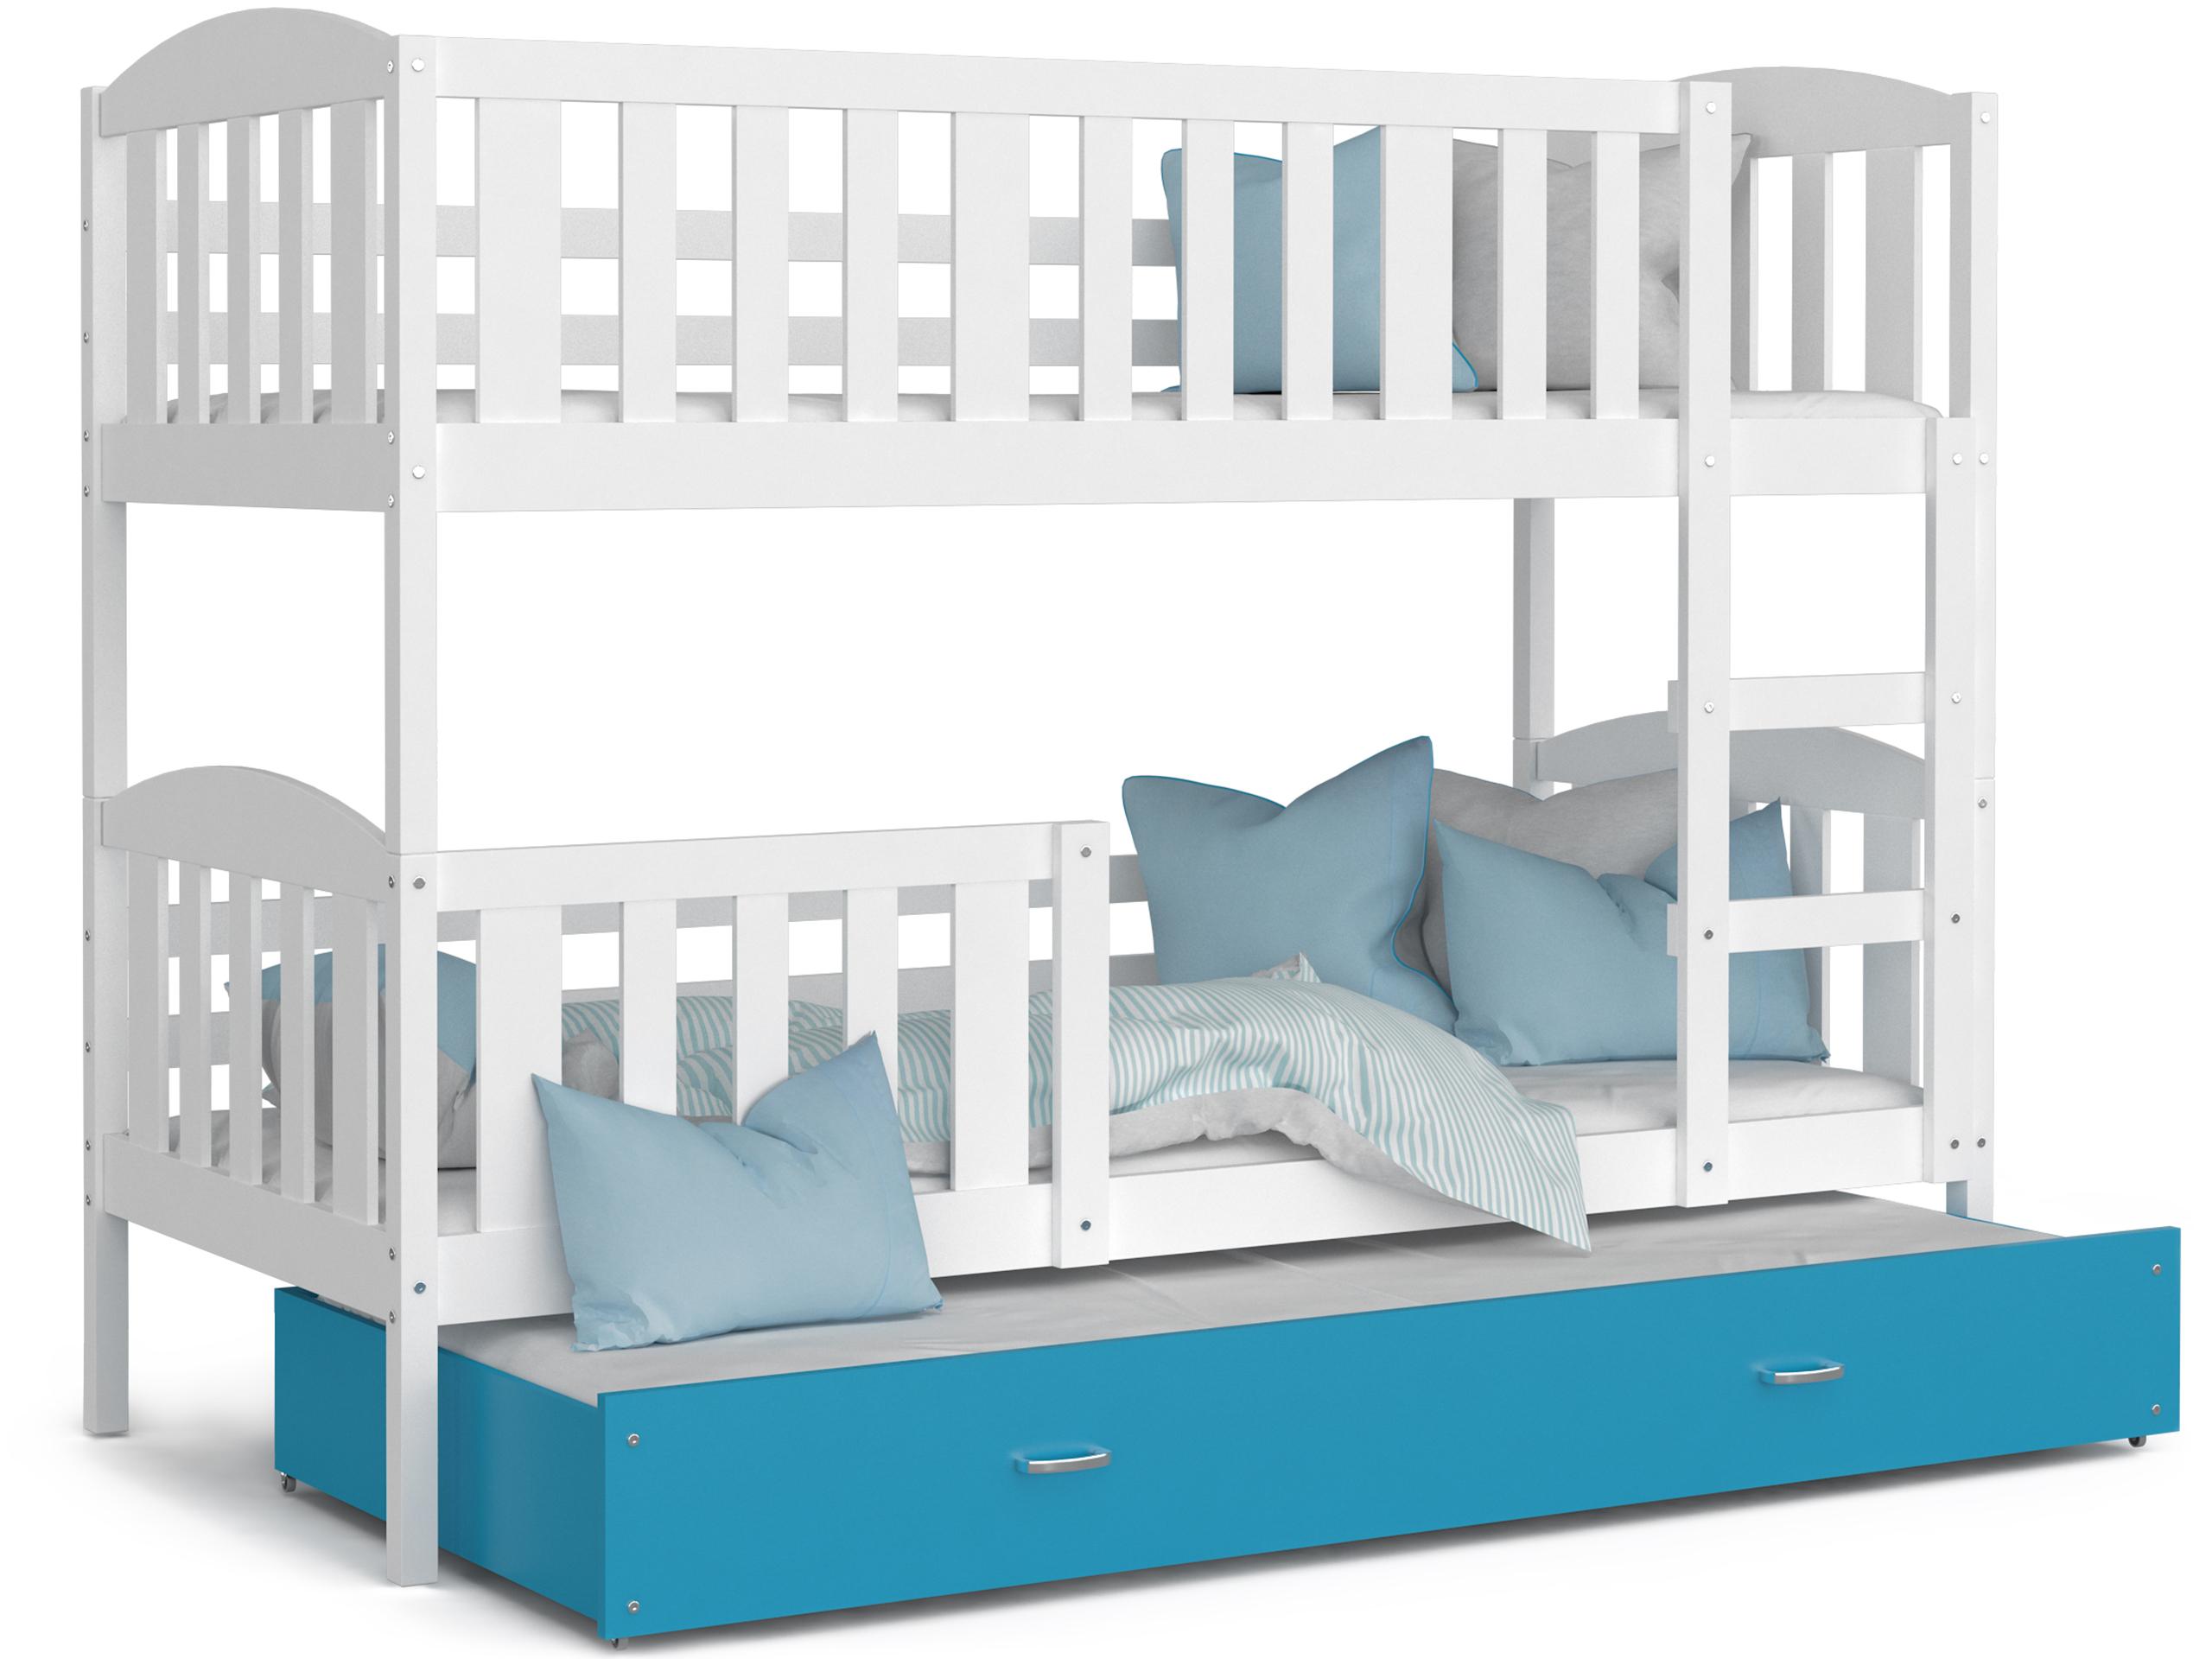 ArtAJ Detská poschodová posteľ Kubuš 3 Farba: sivá/zelená